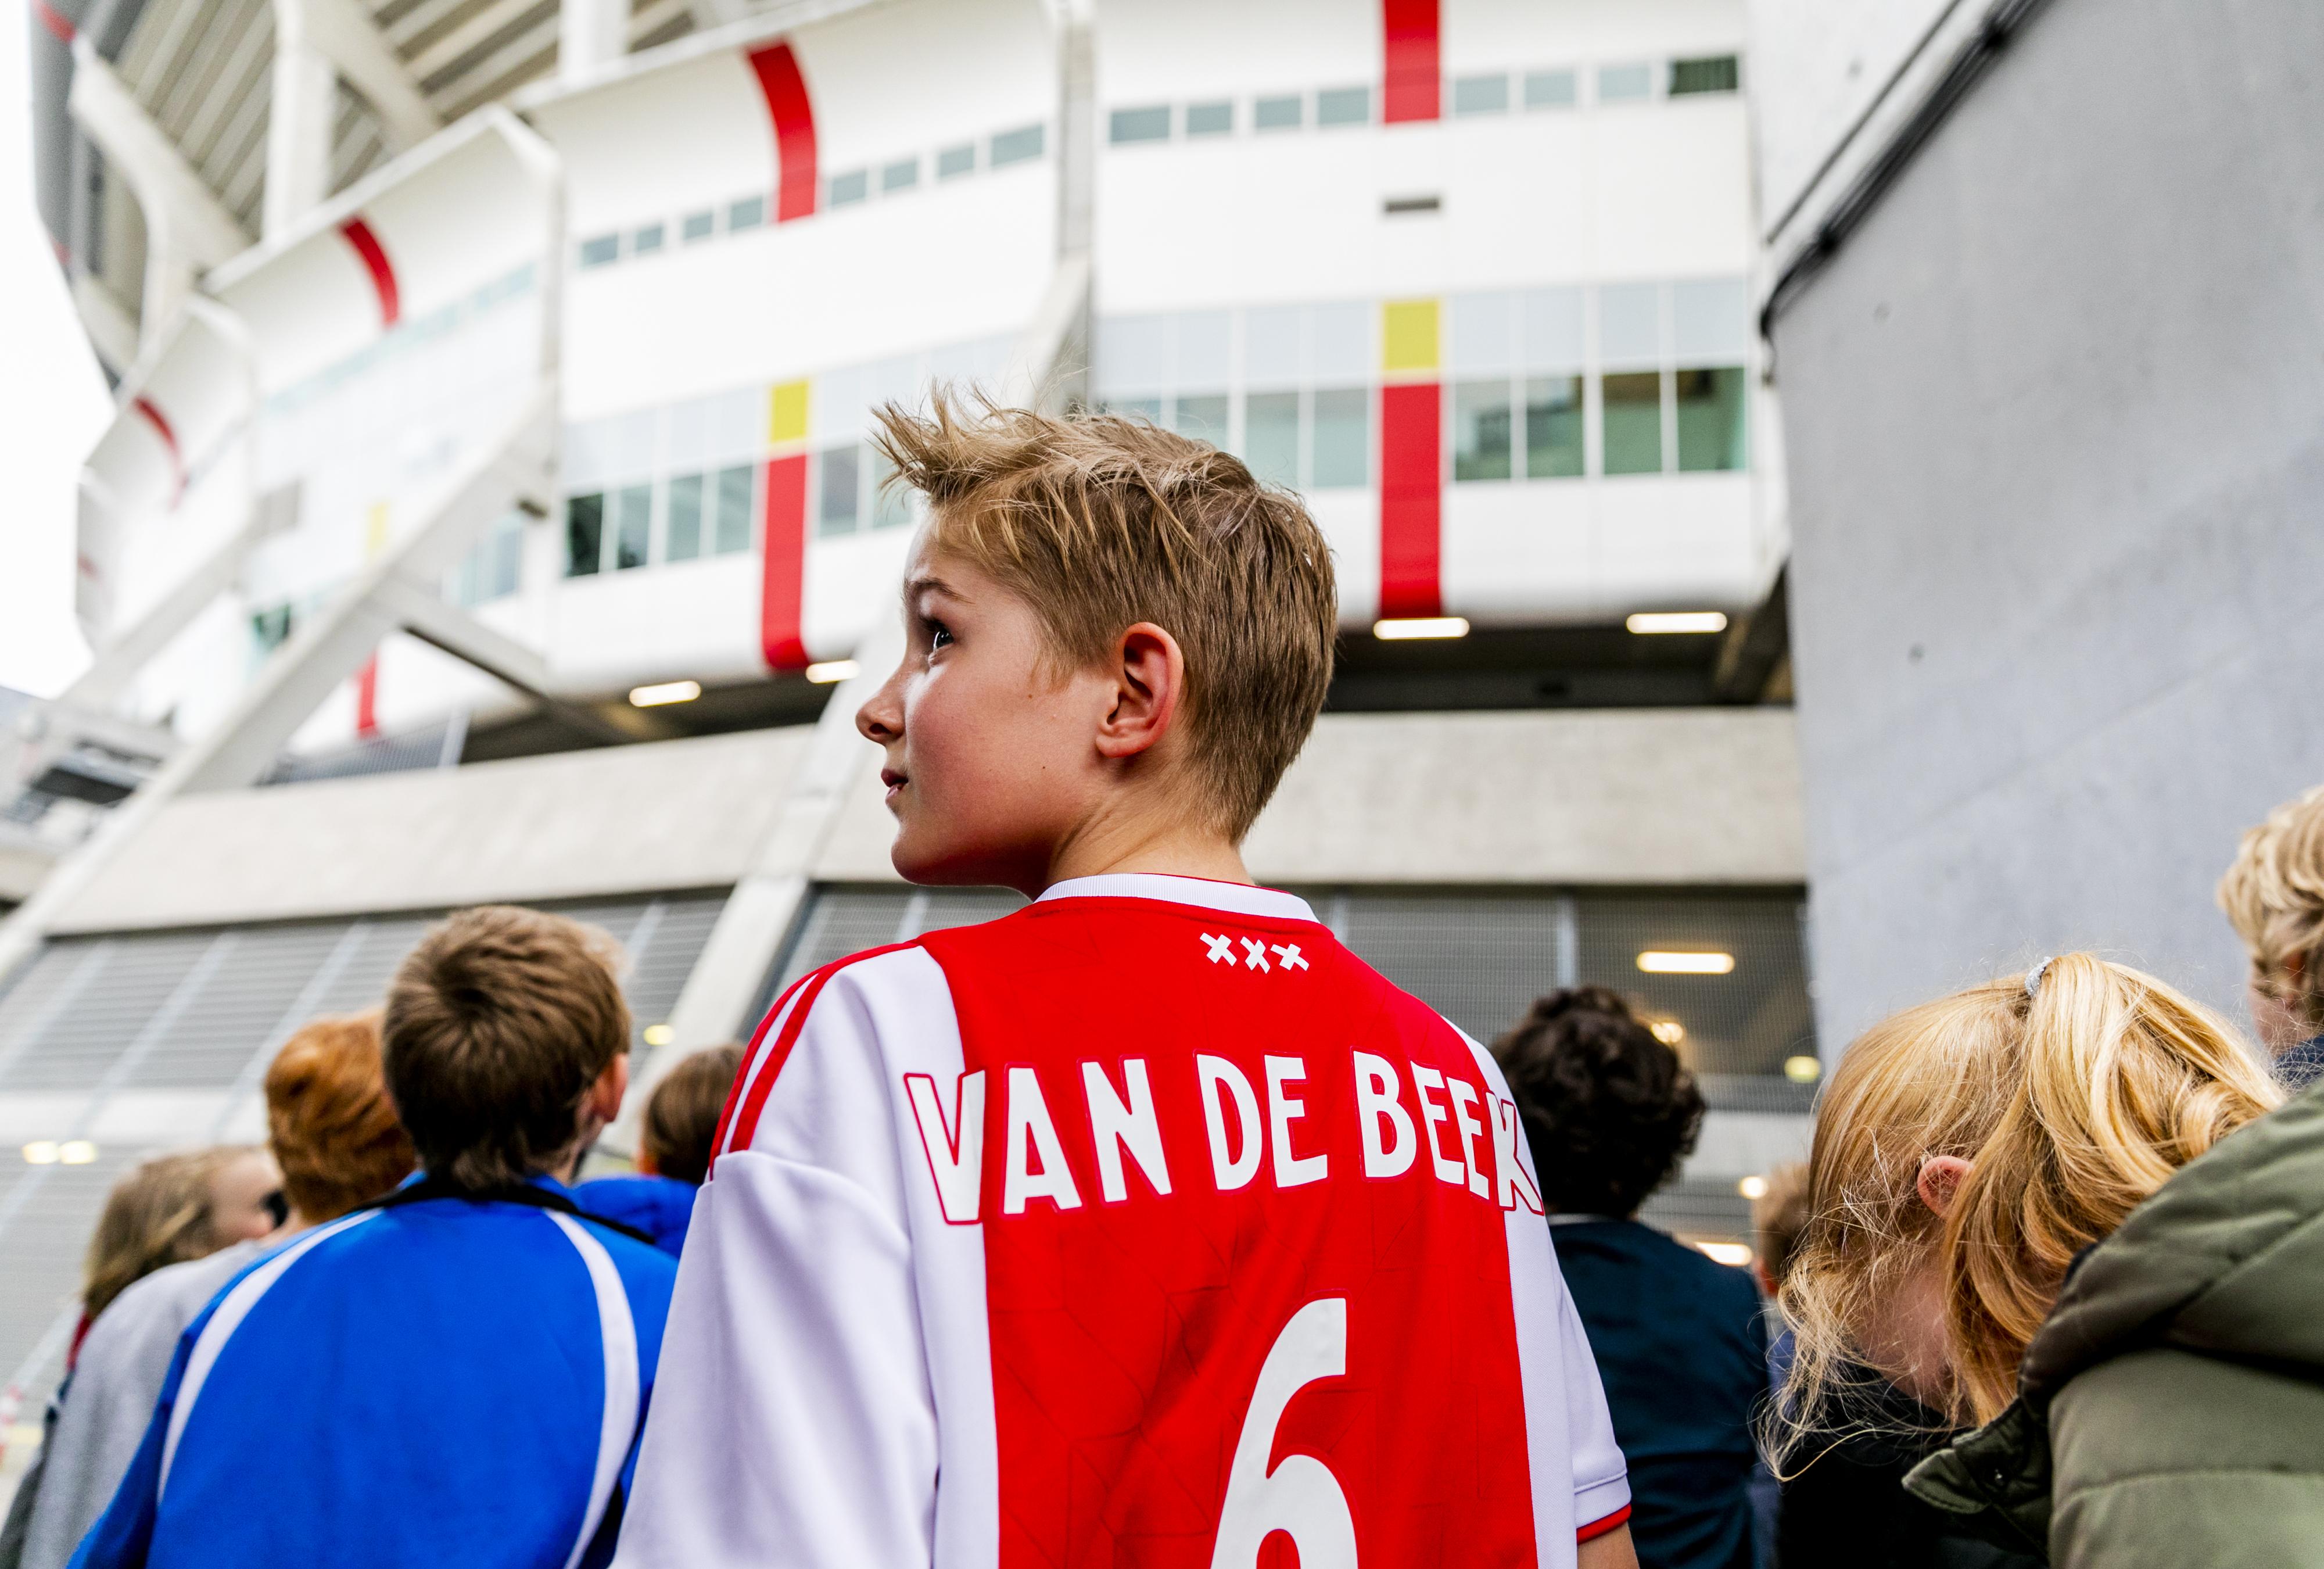 Een foto van een jonge Ajaxsupporter op weg naar de Johan Cruijff ArenA